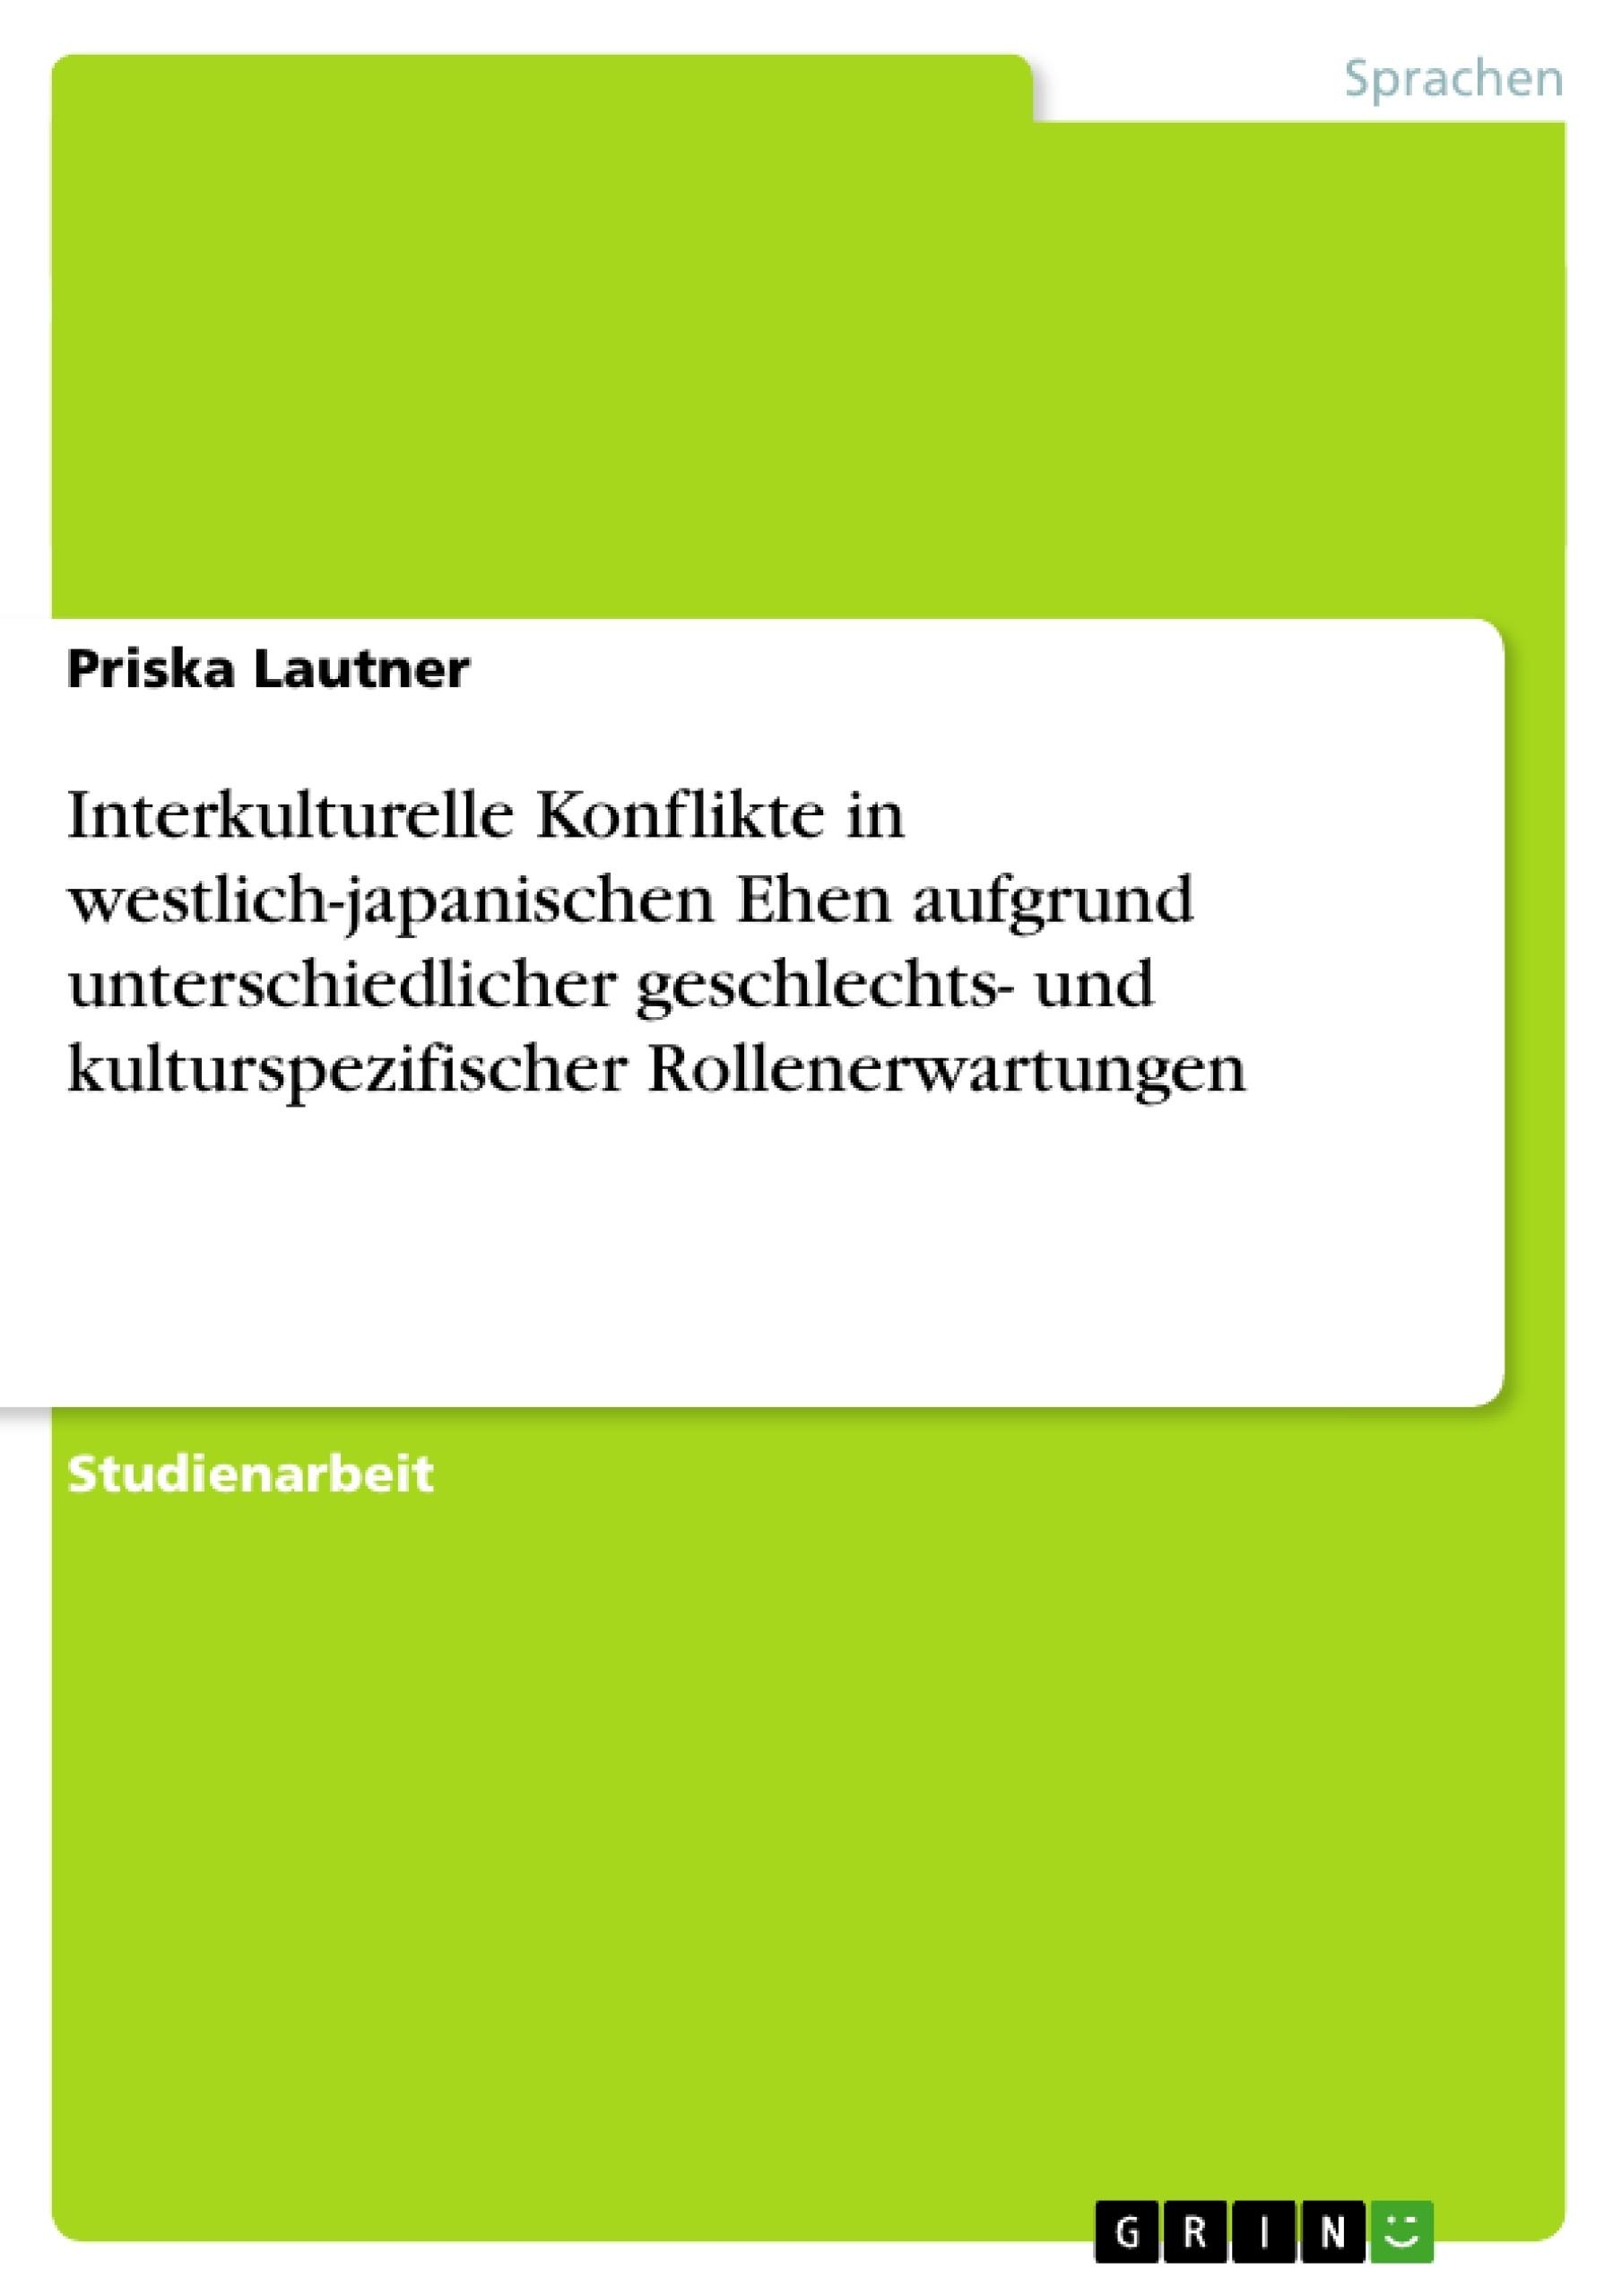 Titel: Interkulturelle Konflikte in westlich-japanischen Ehen aufgrund unterschiedlicher geschlechts- und kulturspezifischer Rollenerwartungen